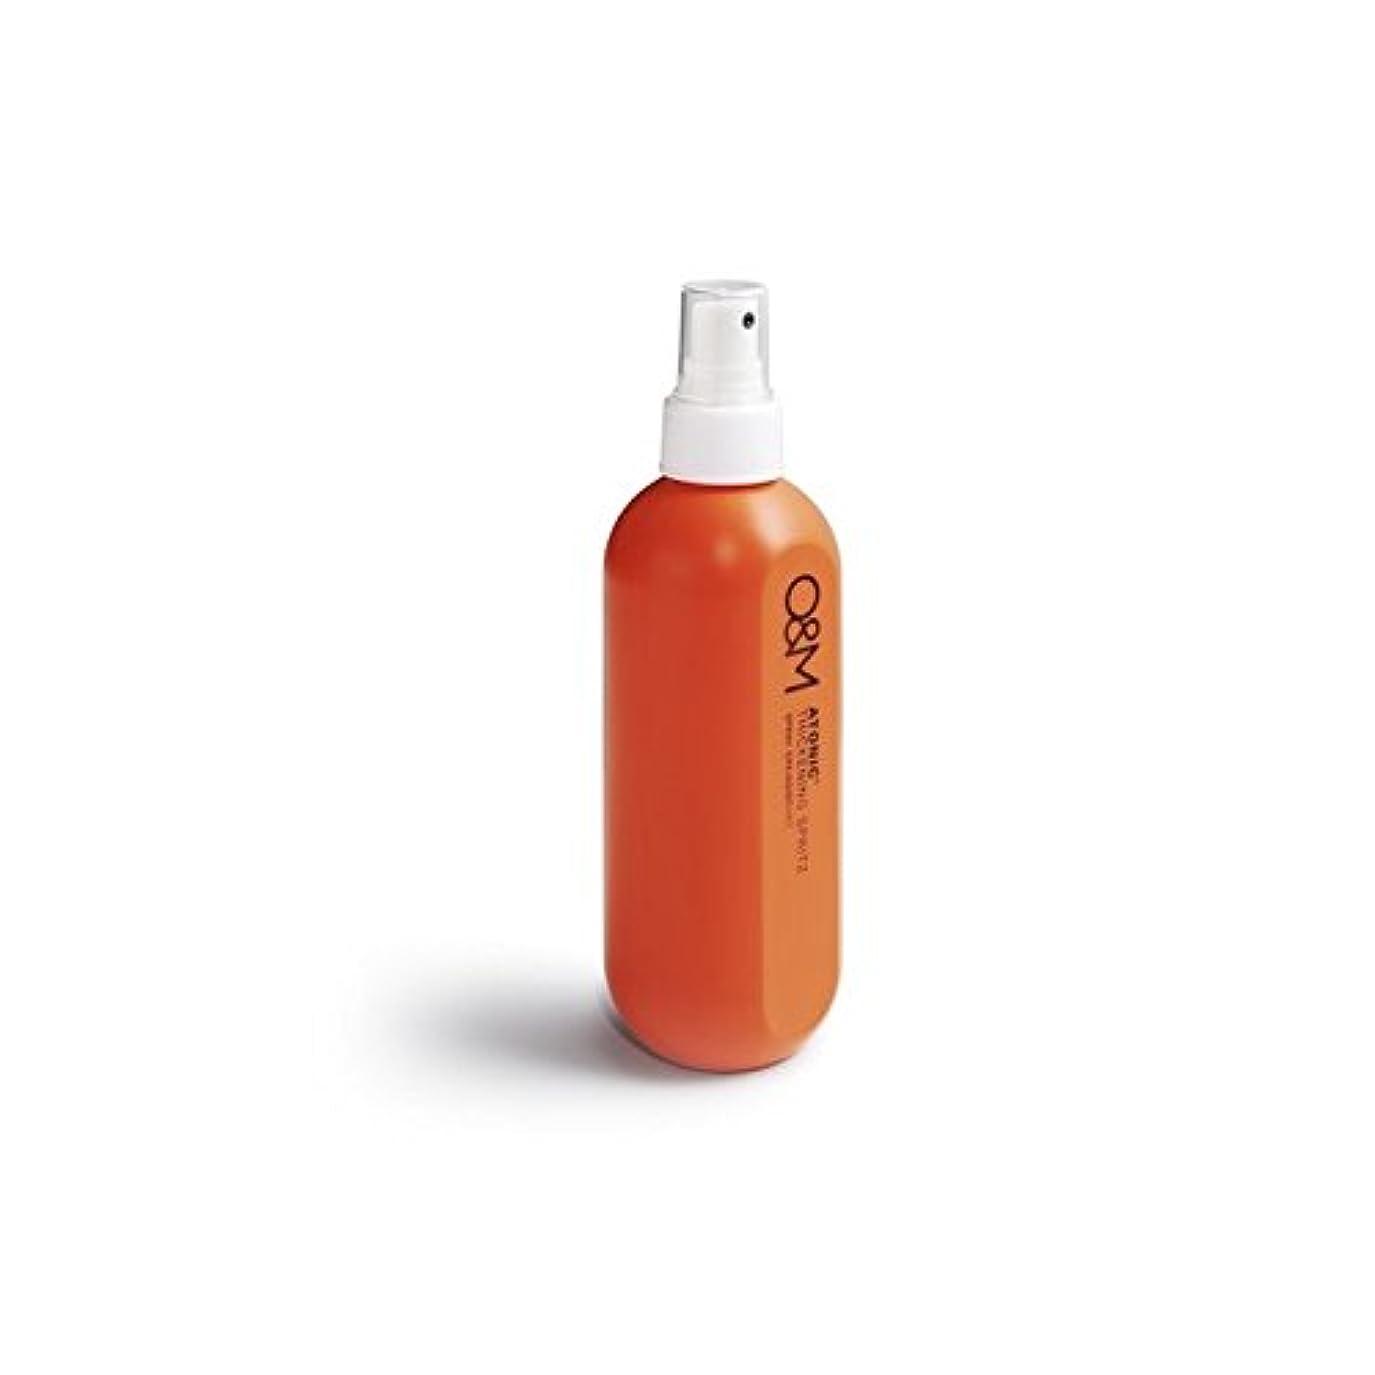 豊かにする思いやり夢中オリジナル&ミネラル脱力増粘スプリッツ(250ミリリットル) x2 - Original & Mineral Atonic Thickening Spritz (250ml) (Pack of 2) [並行輸入品]